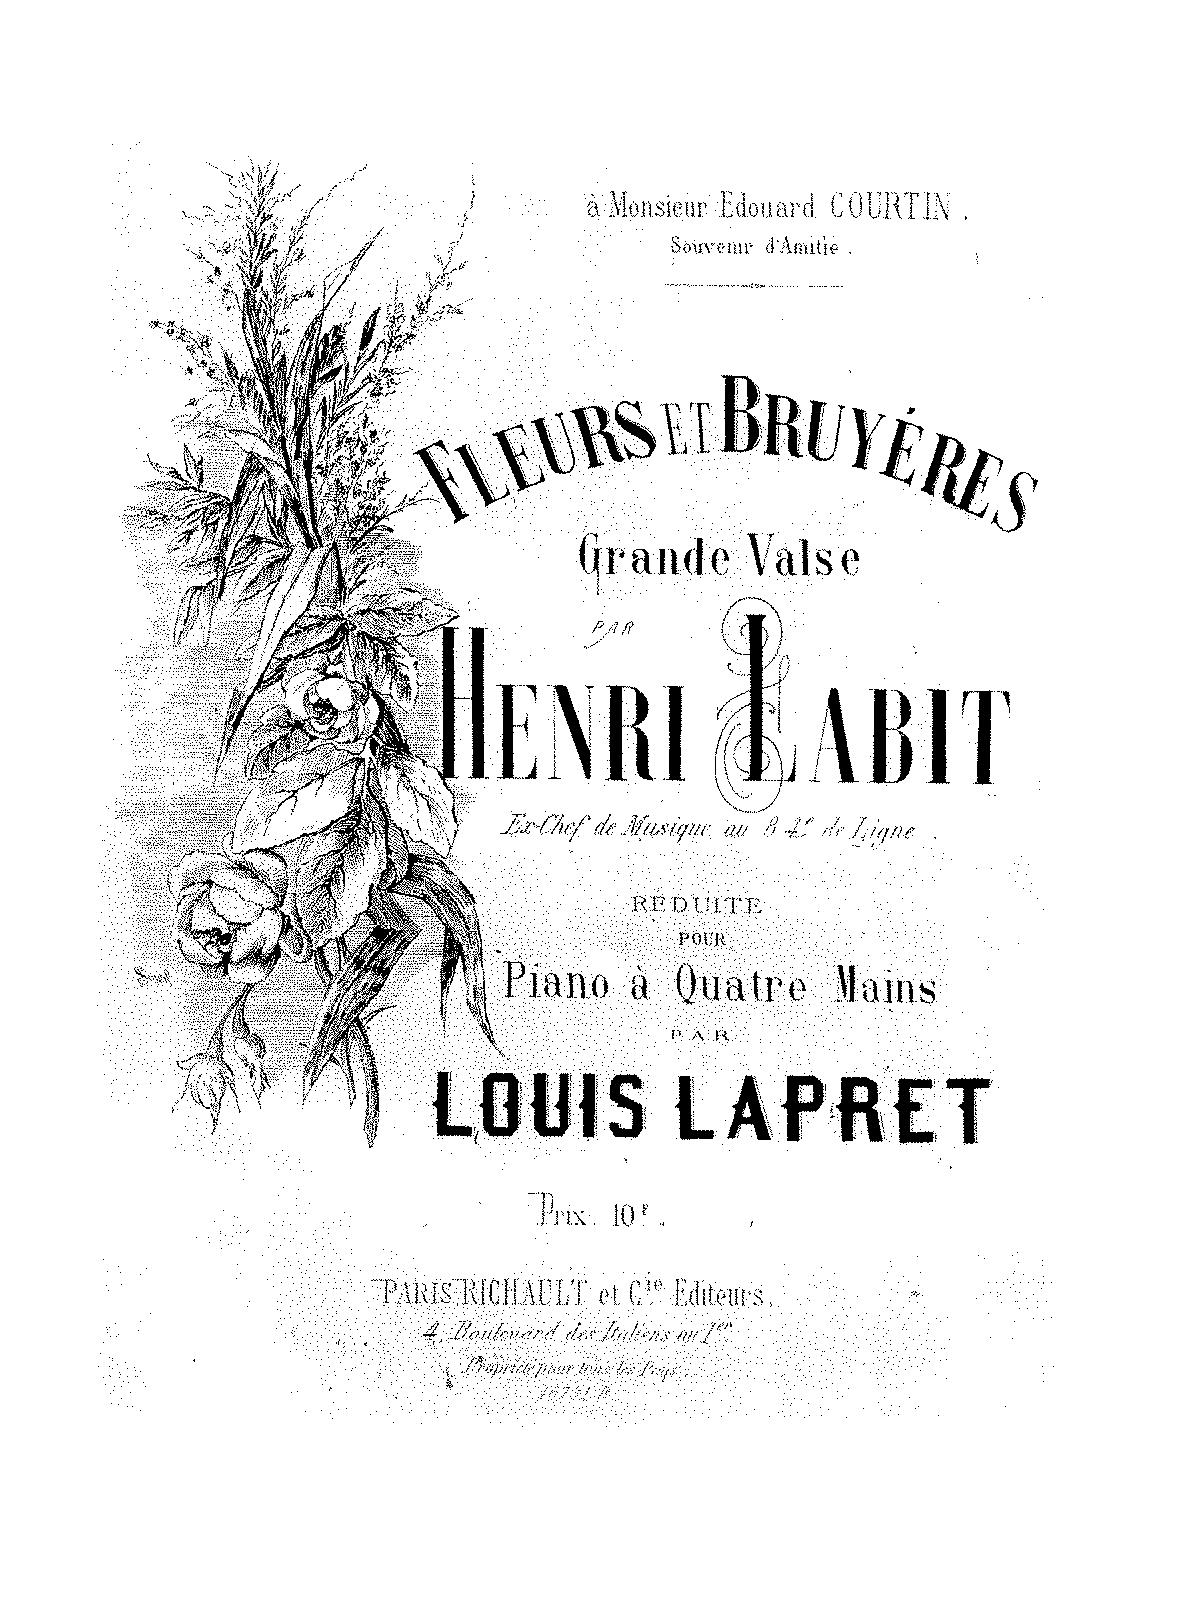 Fleurs et bruyères (Labit, Henri) - IMSLP/Petrucci Music